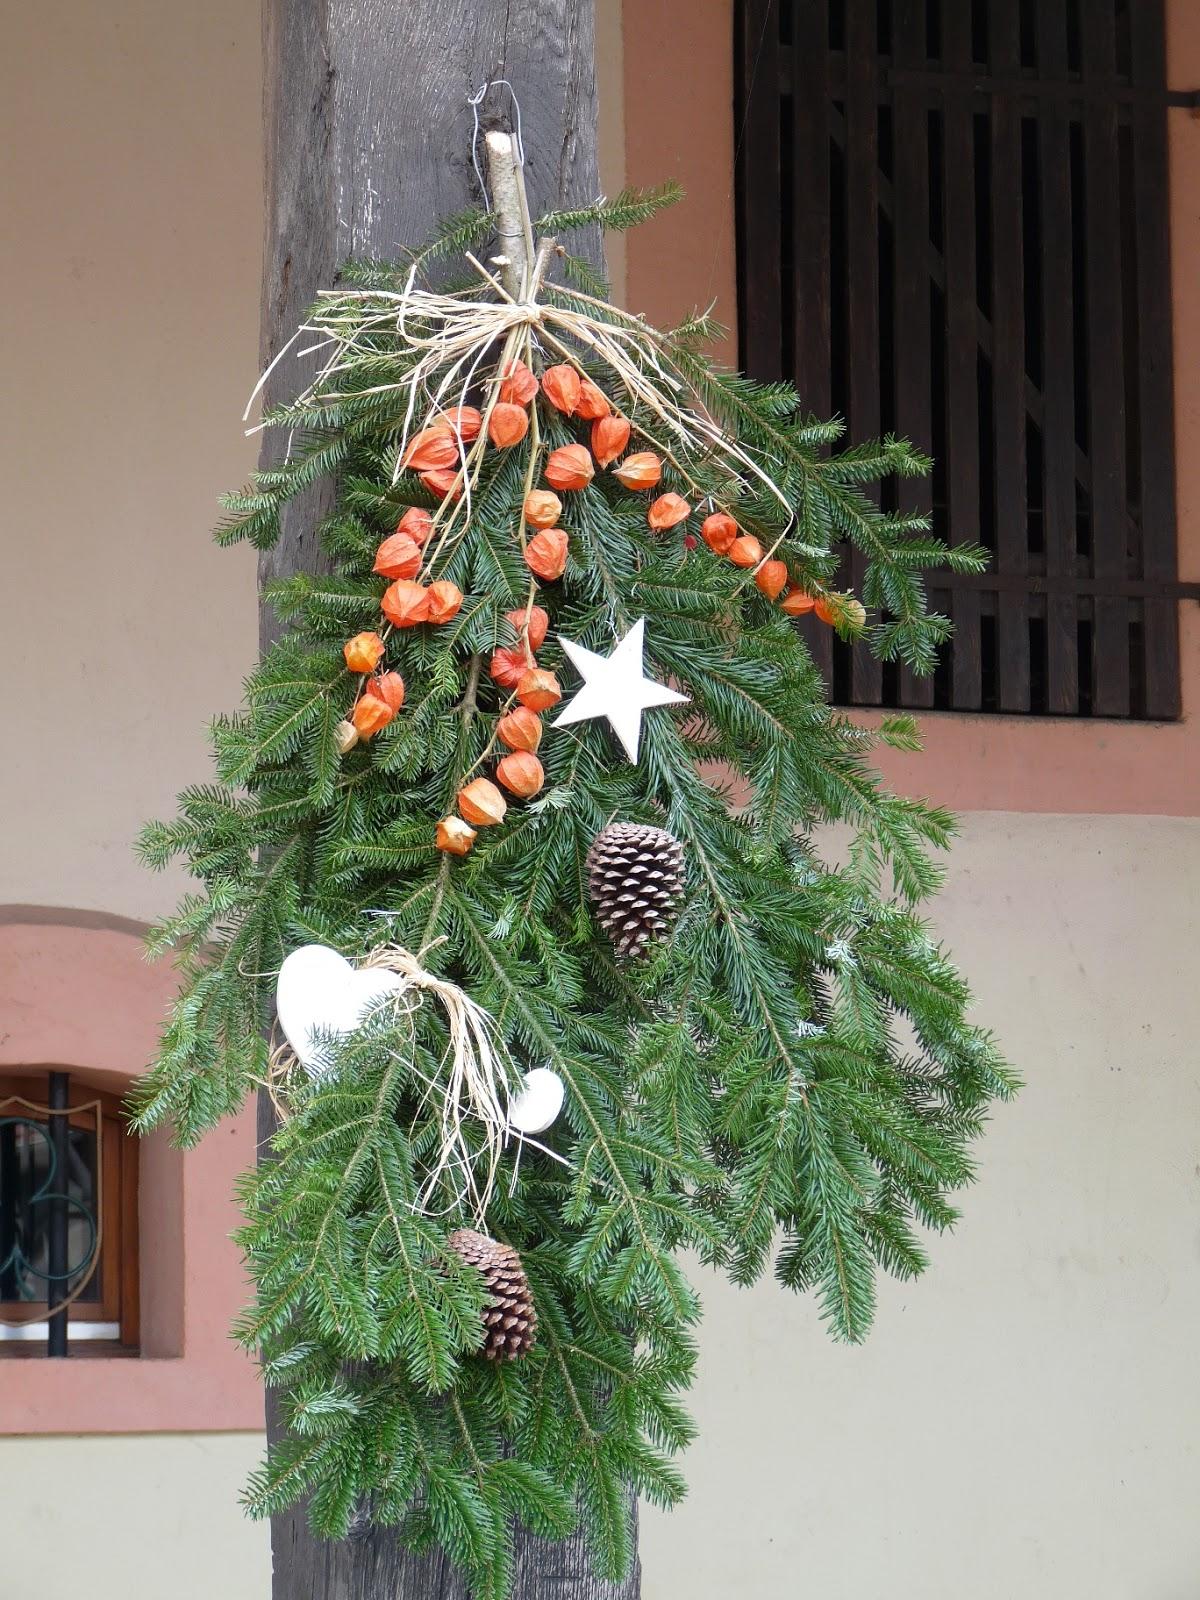 #6D4634 Le Petit Monde De Bidule: Décorations De Noël Naturelles 7618 decoration de noel a faire 1200x1600 px @ aertt.com